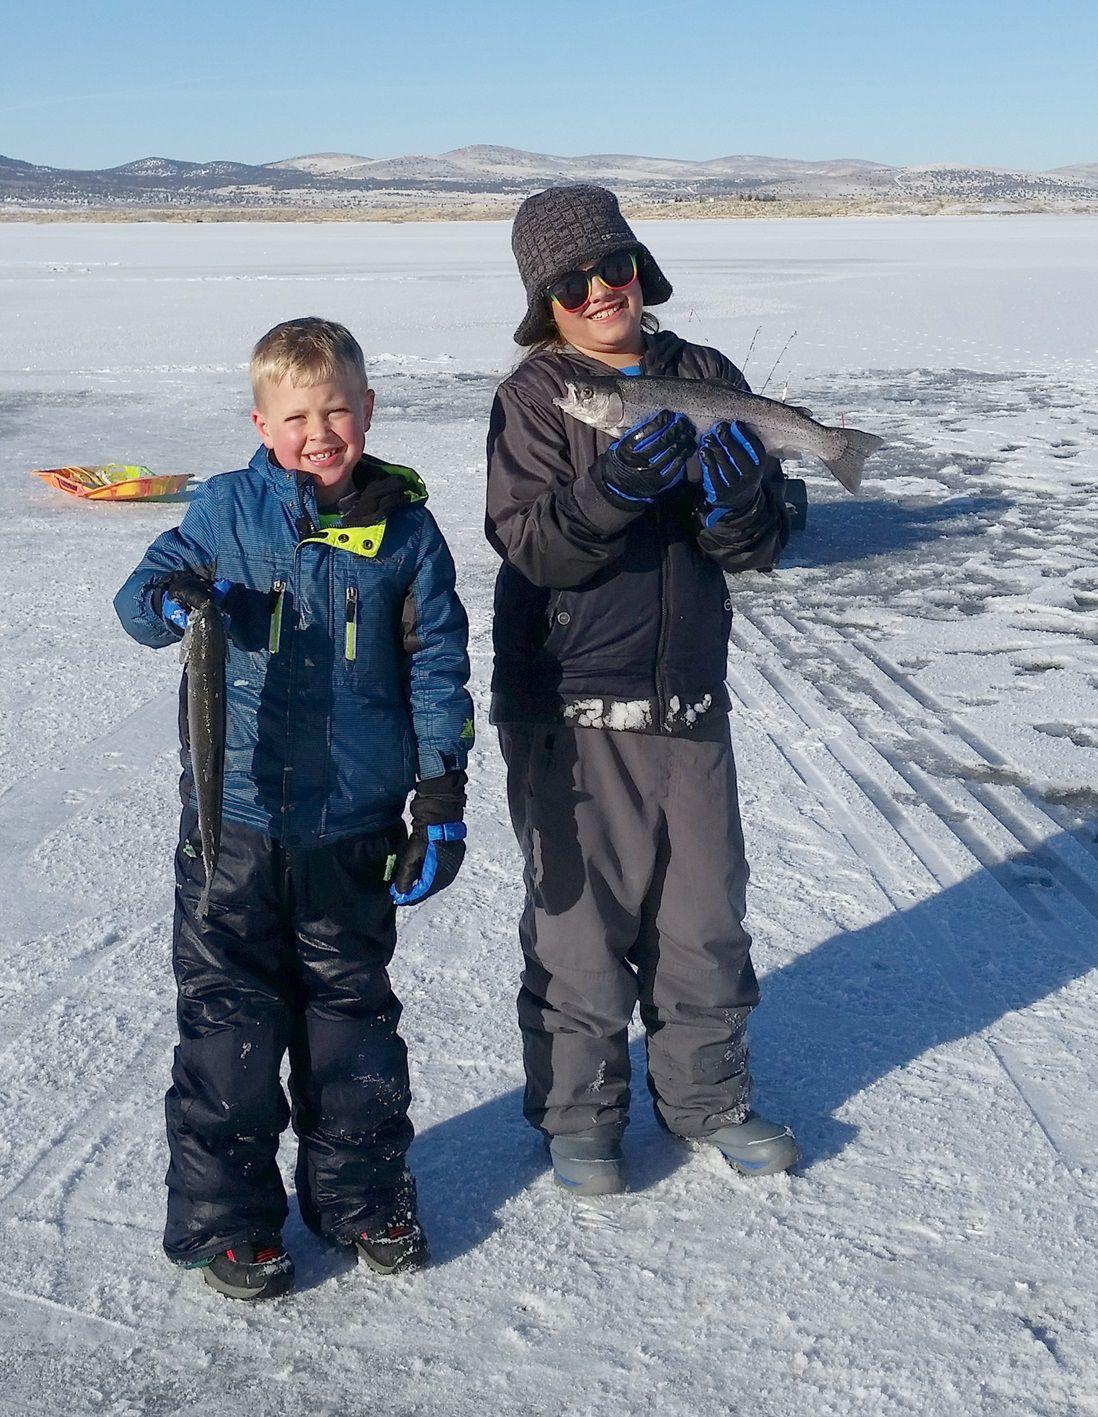 Joe 39 s fishing hole ice fishing basics lifestyles for Ice fishing hole